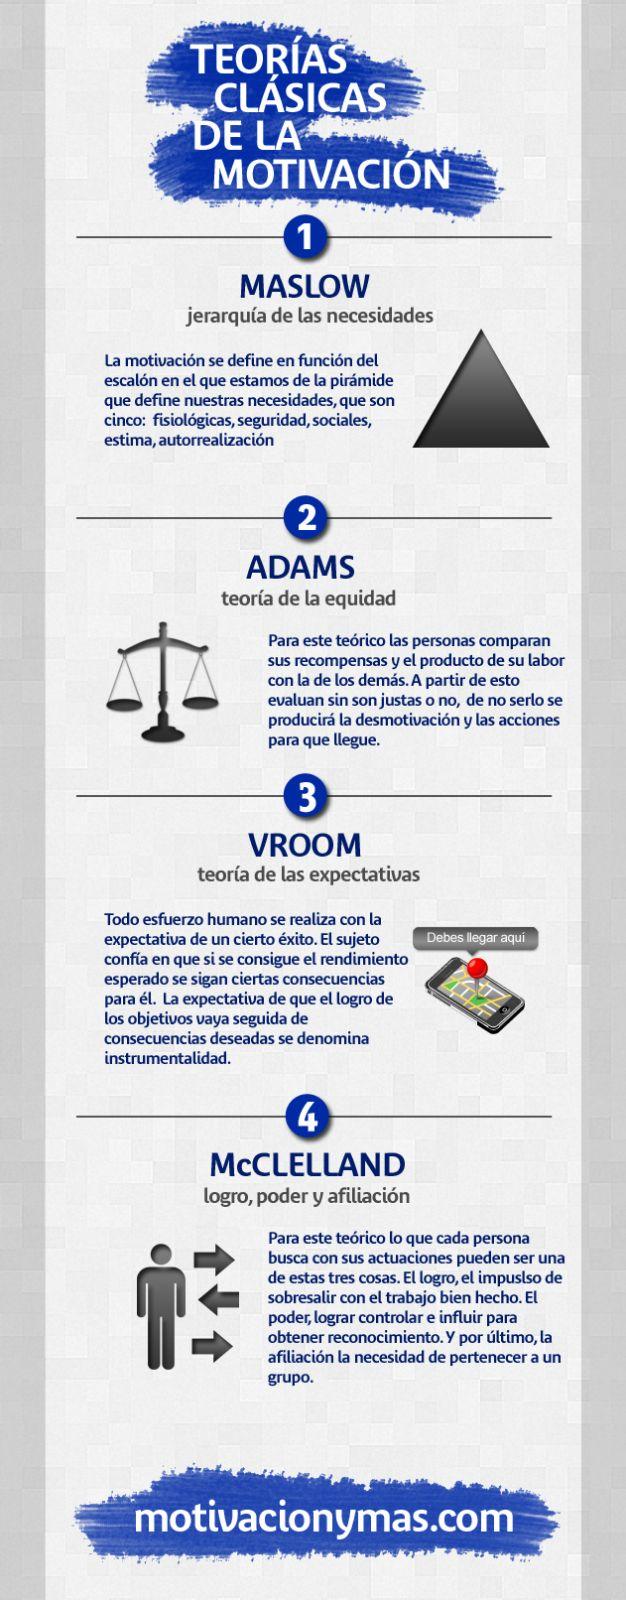 Teorías clásicas de la Motivación #infografia #infographic